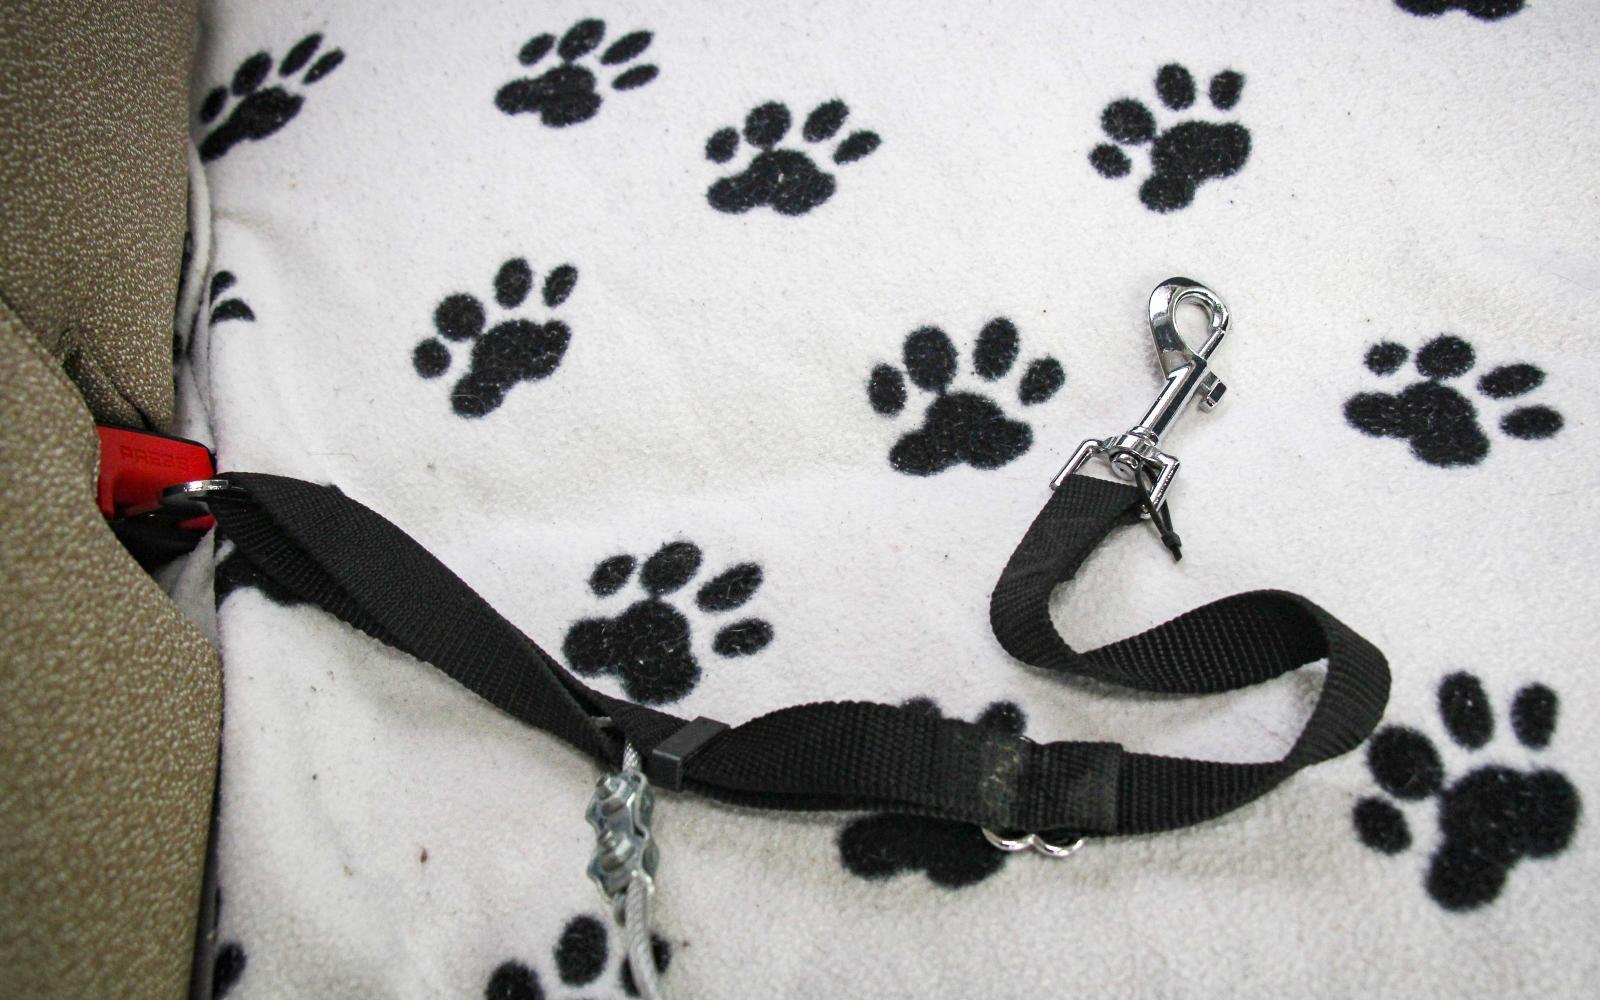 Säkerhetsbältet kan kopplas direkt till hundens sele, eller så kan en vajer användas mellan bältet och selen.